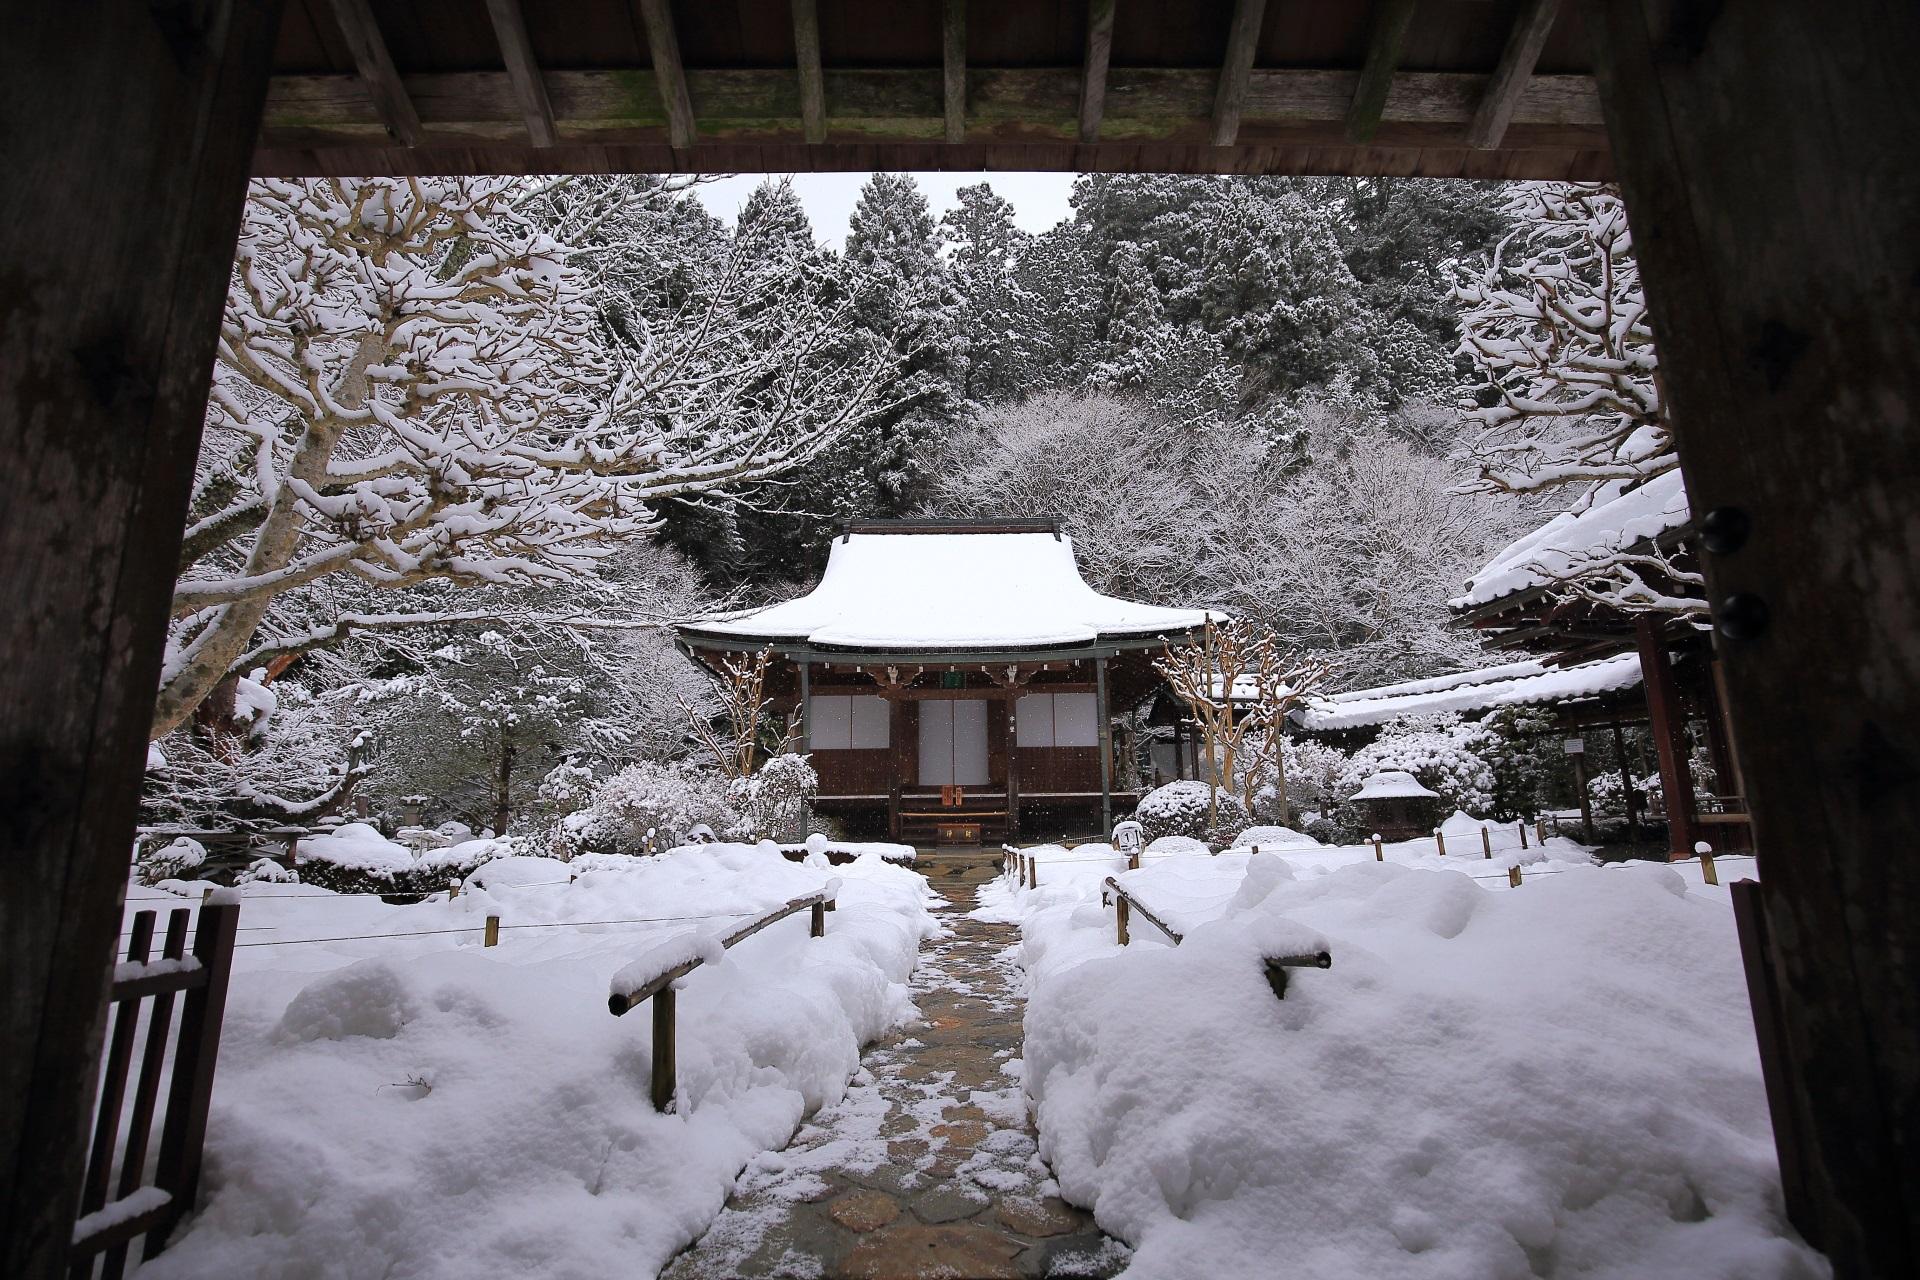 山門の下から眺めた本堂の雪景色